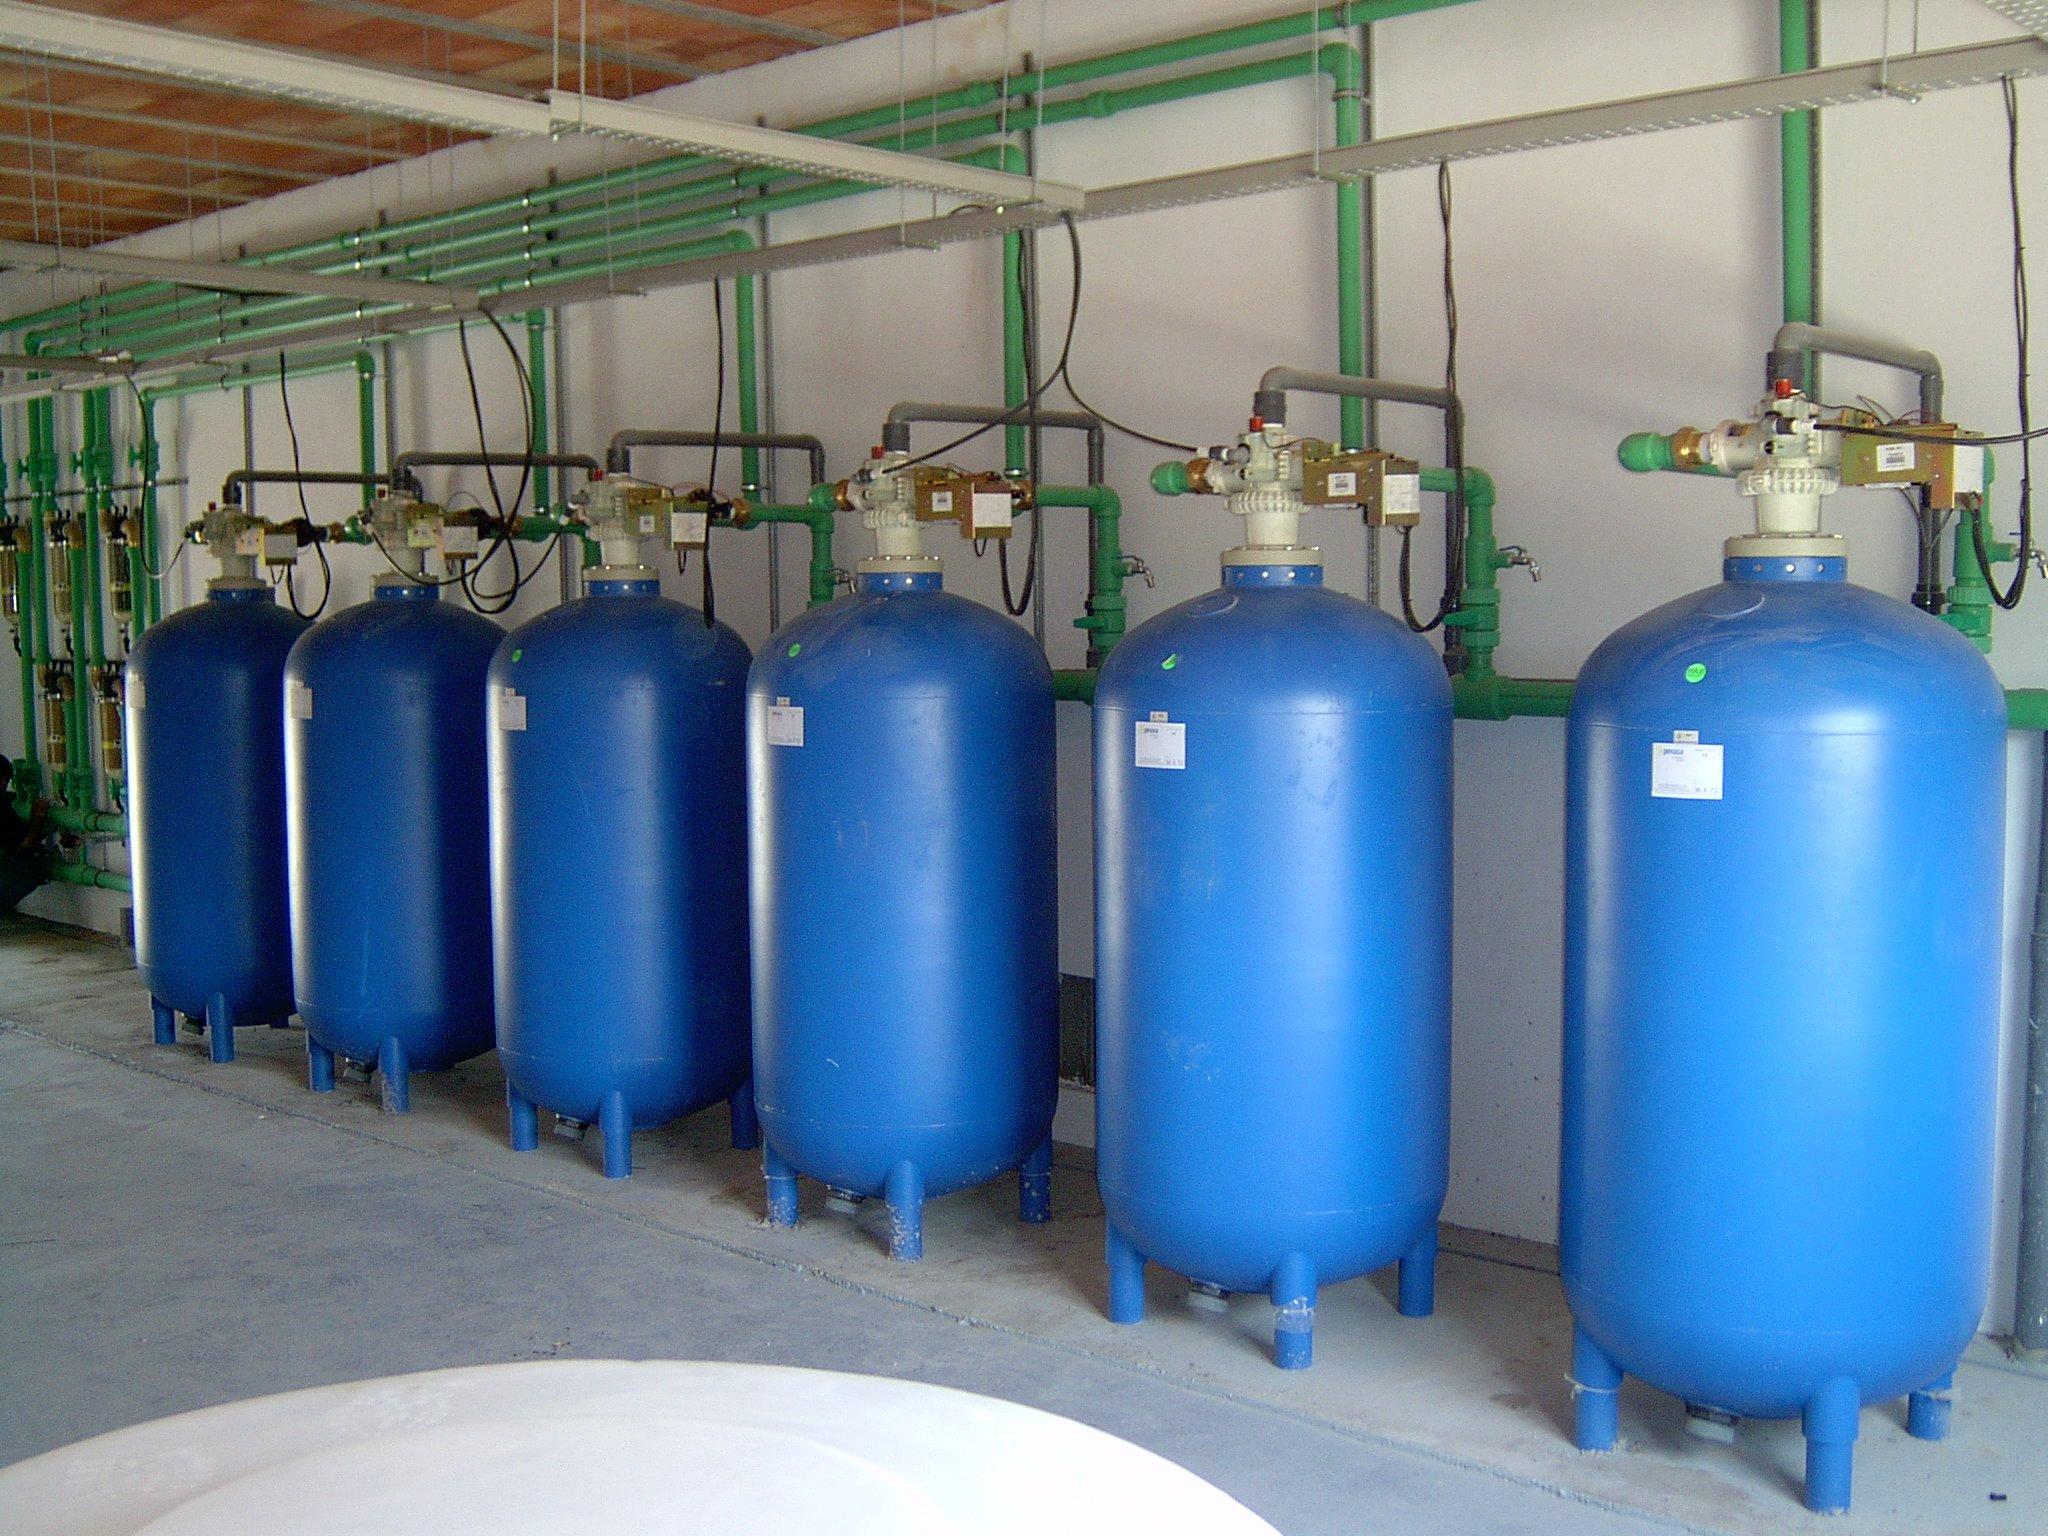 inbstalacion-de-tratamiento-de-agua-en-residencia-andalusi